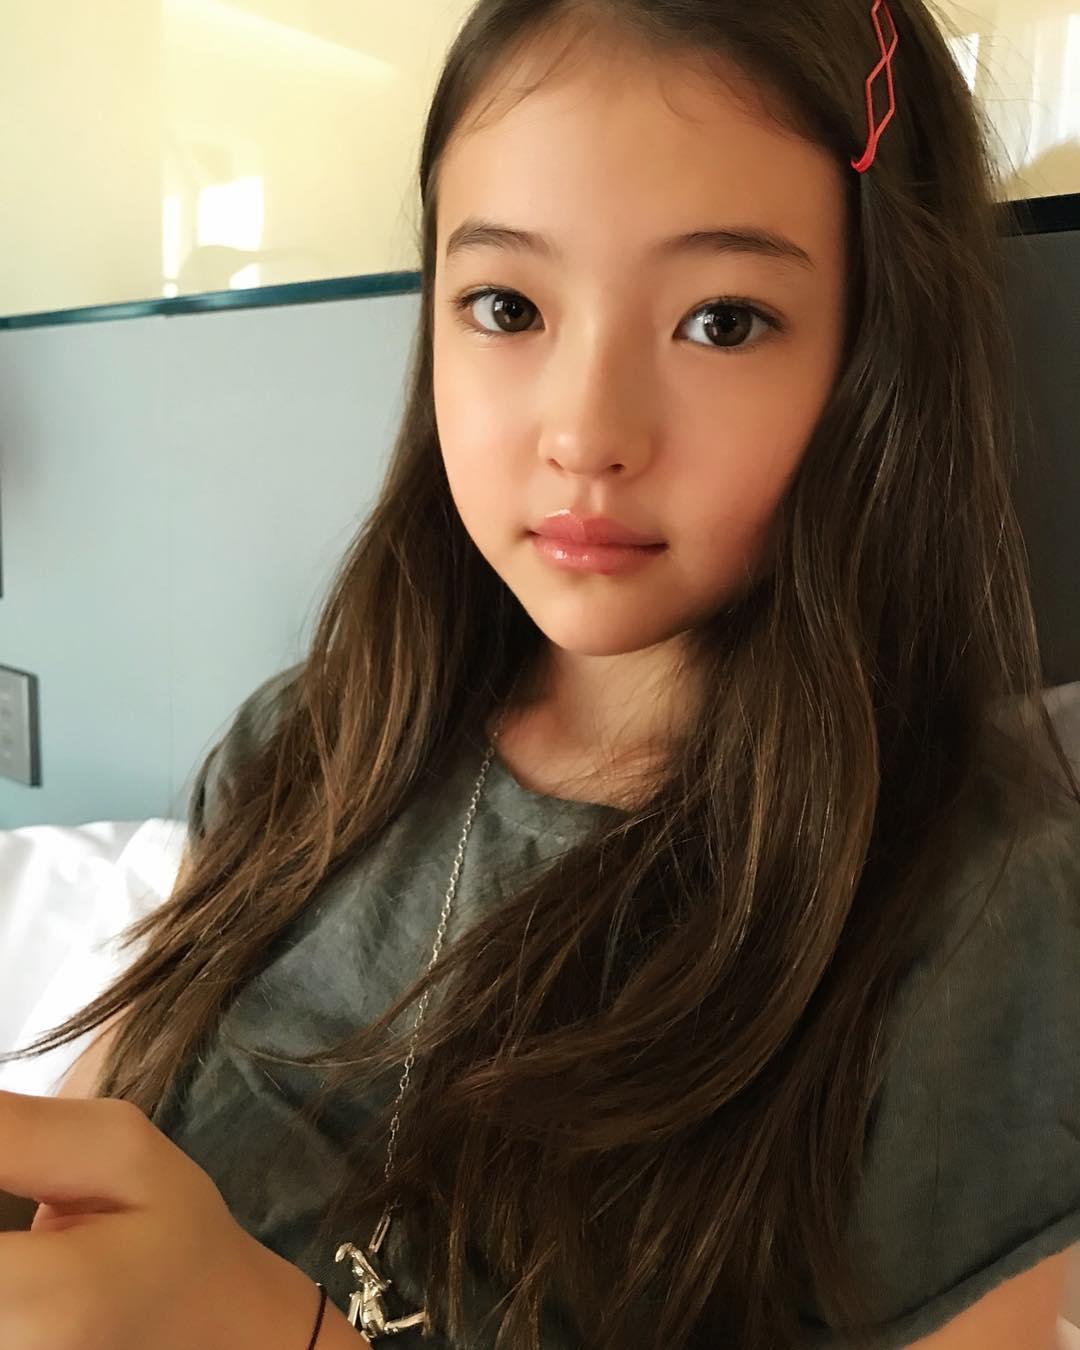 หนูน้อยวัย 9 ขวบ ที่ได้ชื่อว่าเป็น ผู้หญิงที่สวยที่สุดใน